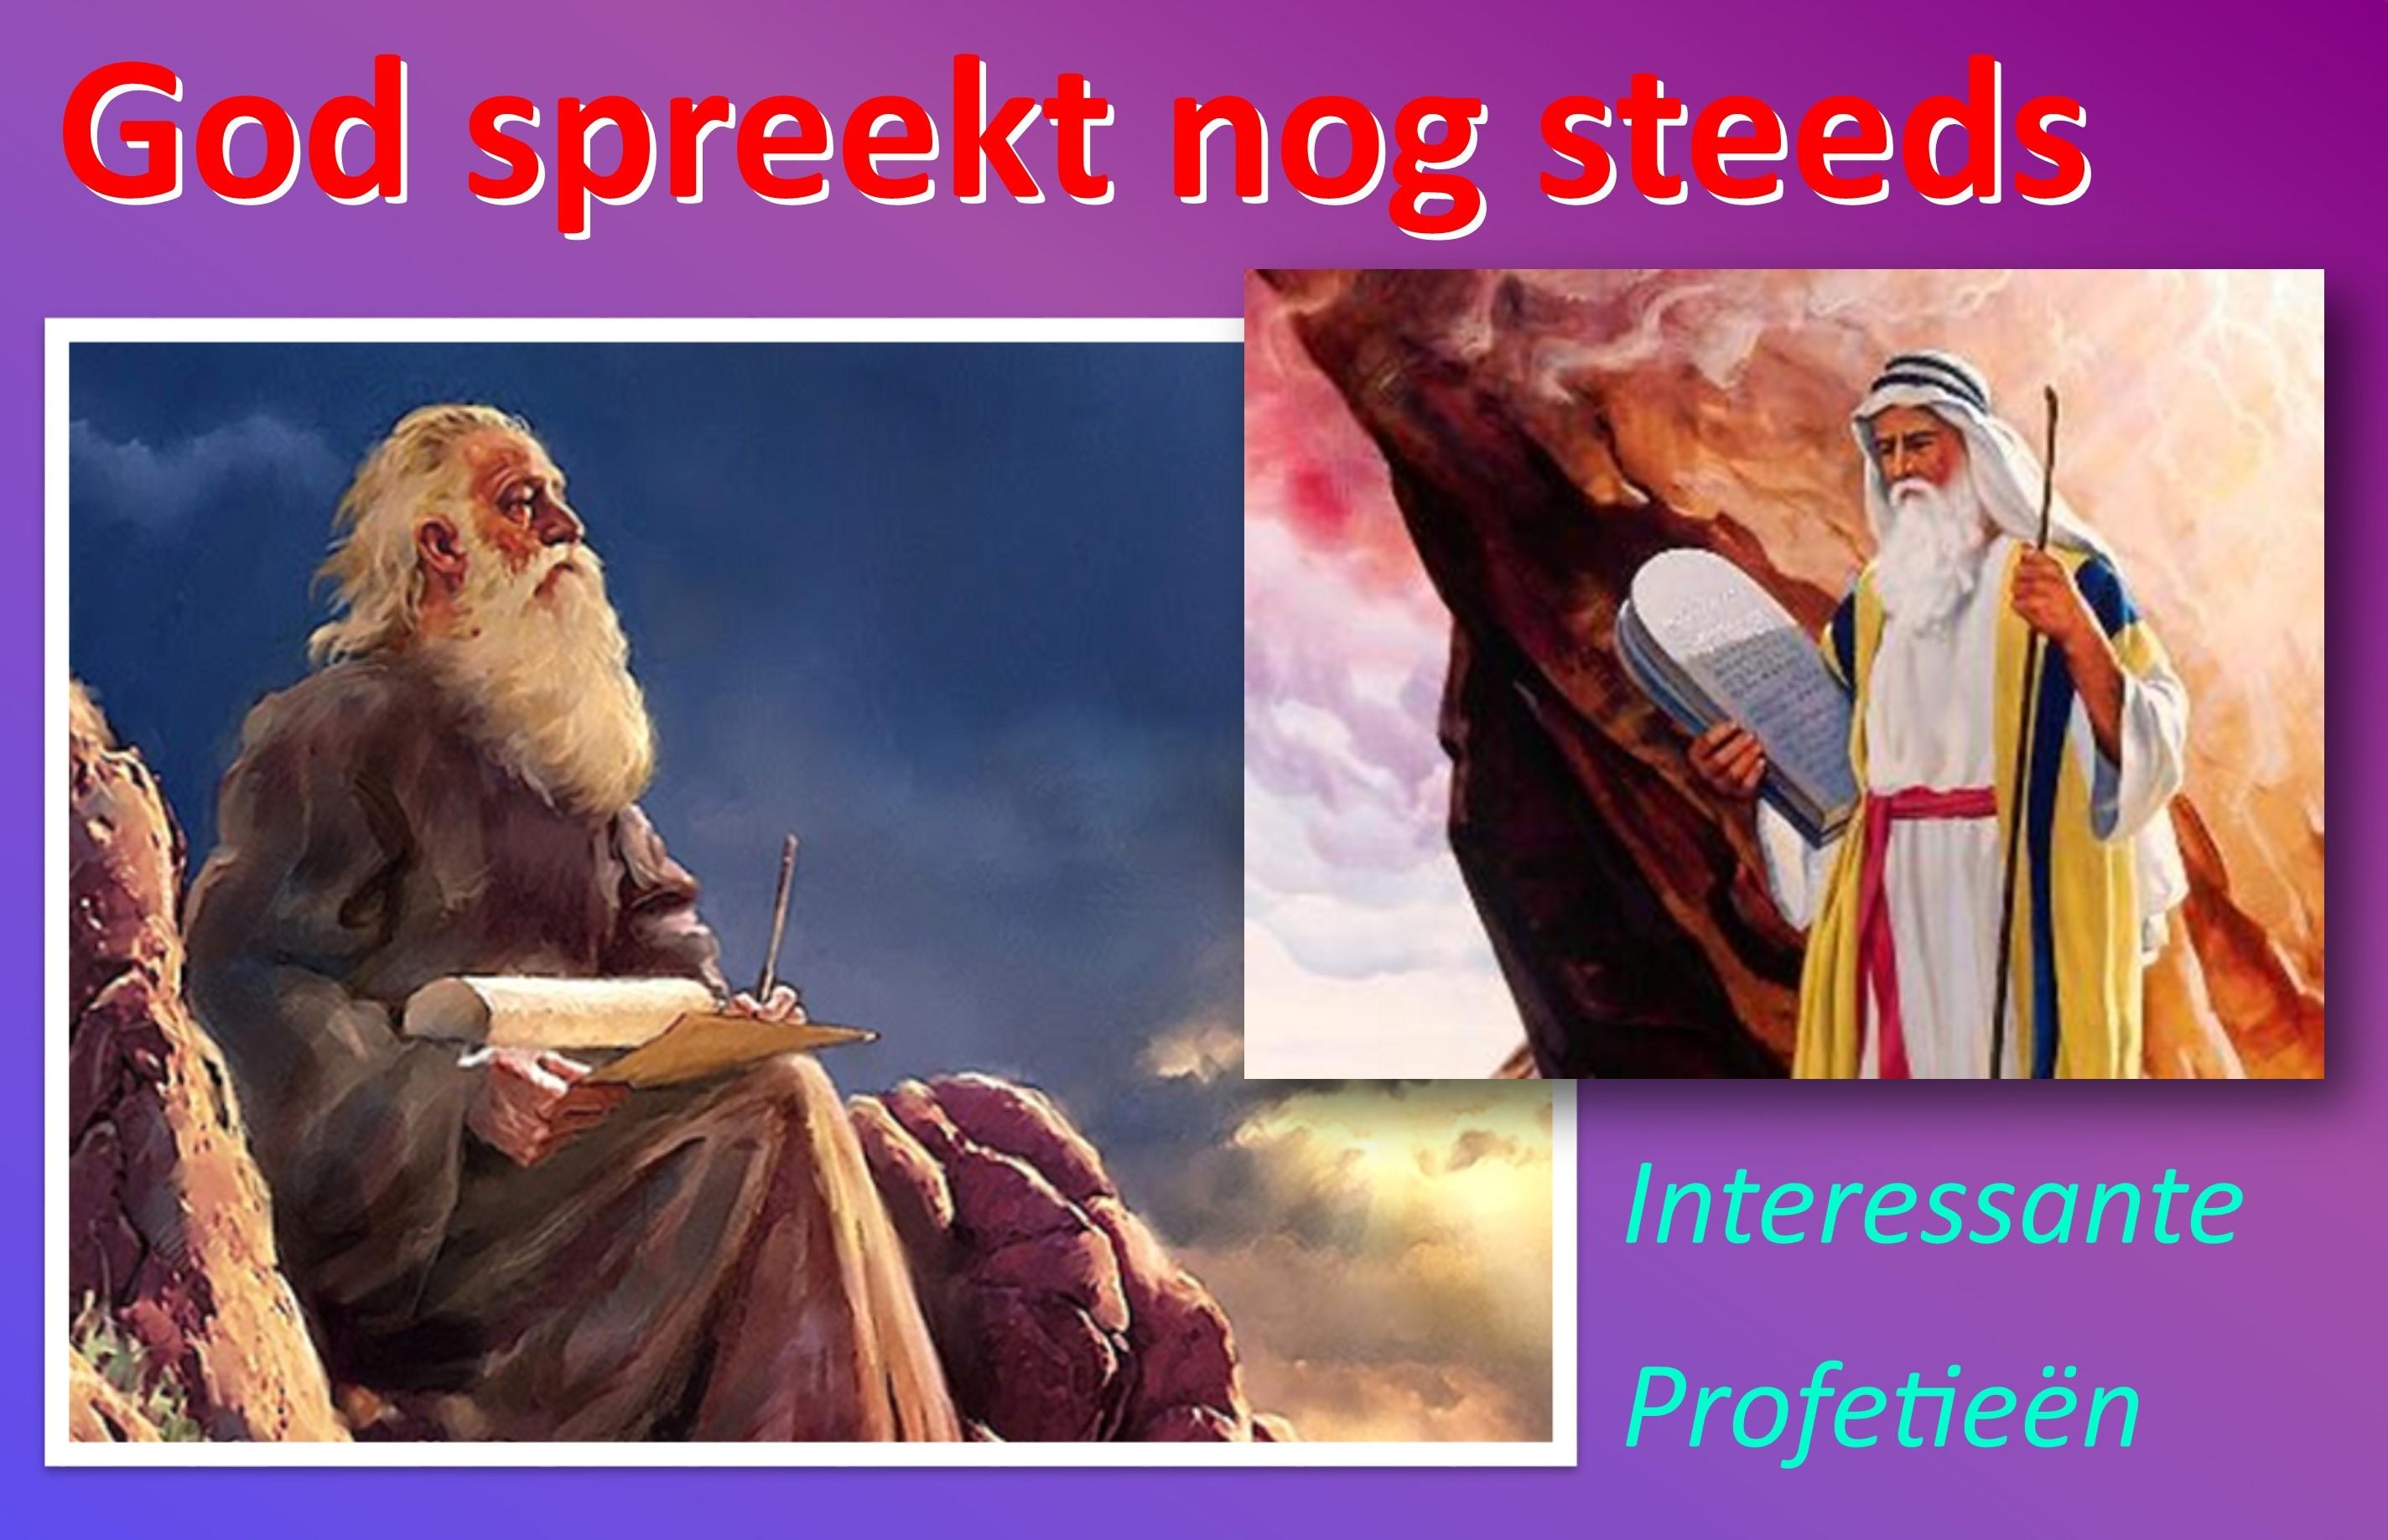 smartblock profetieen